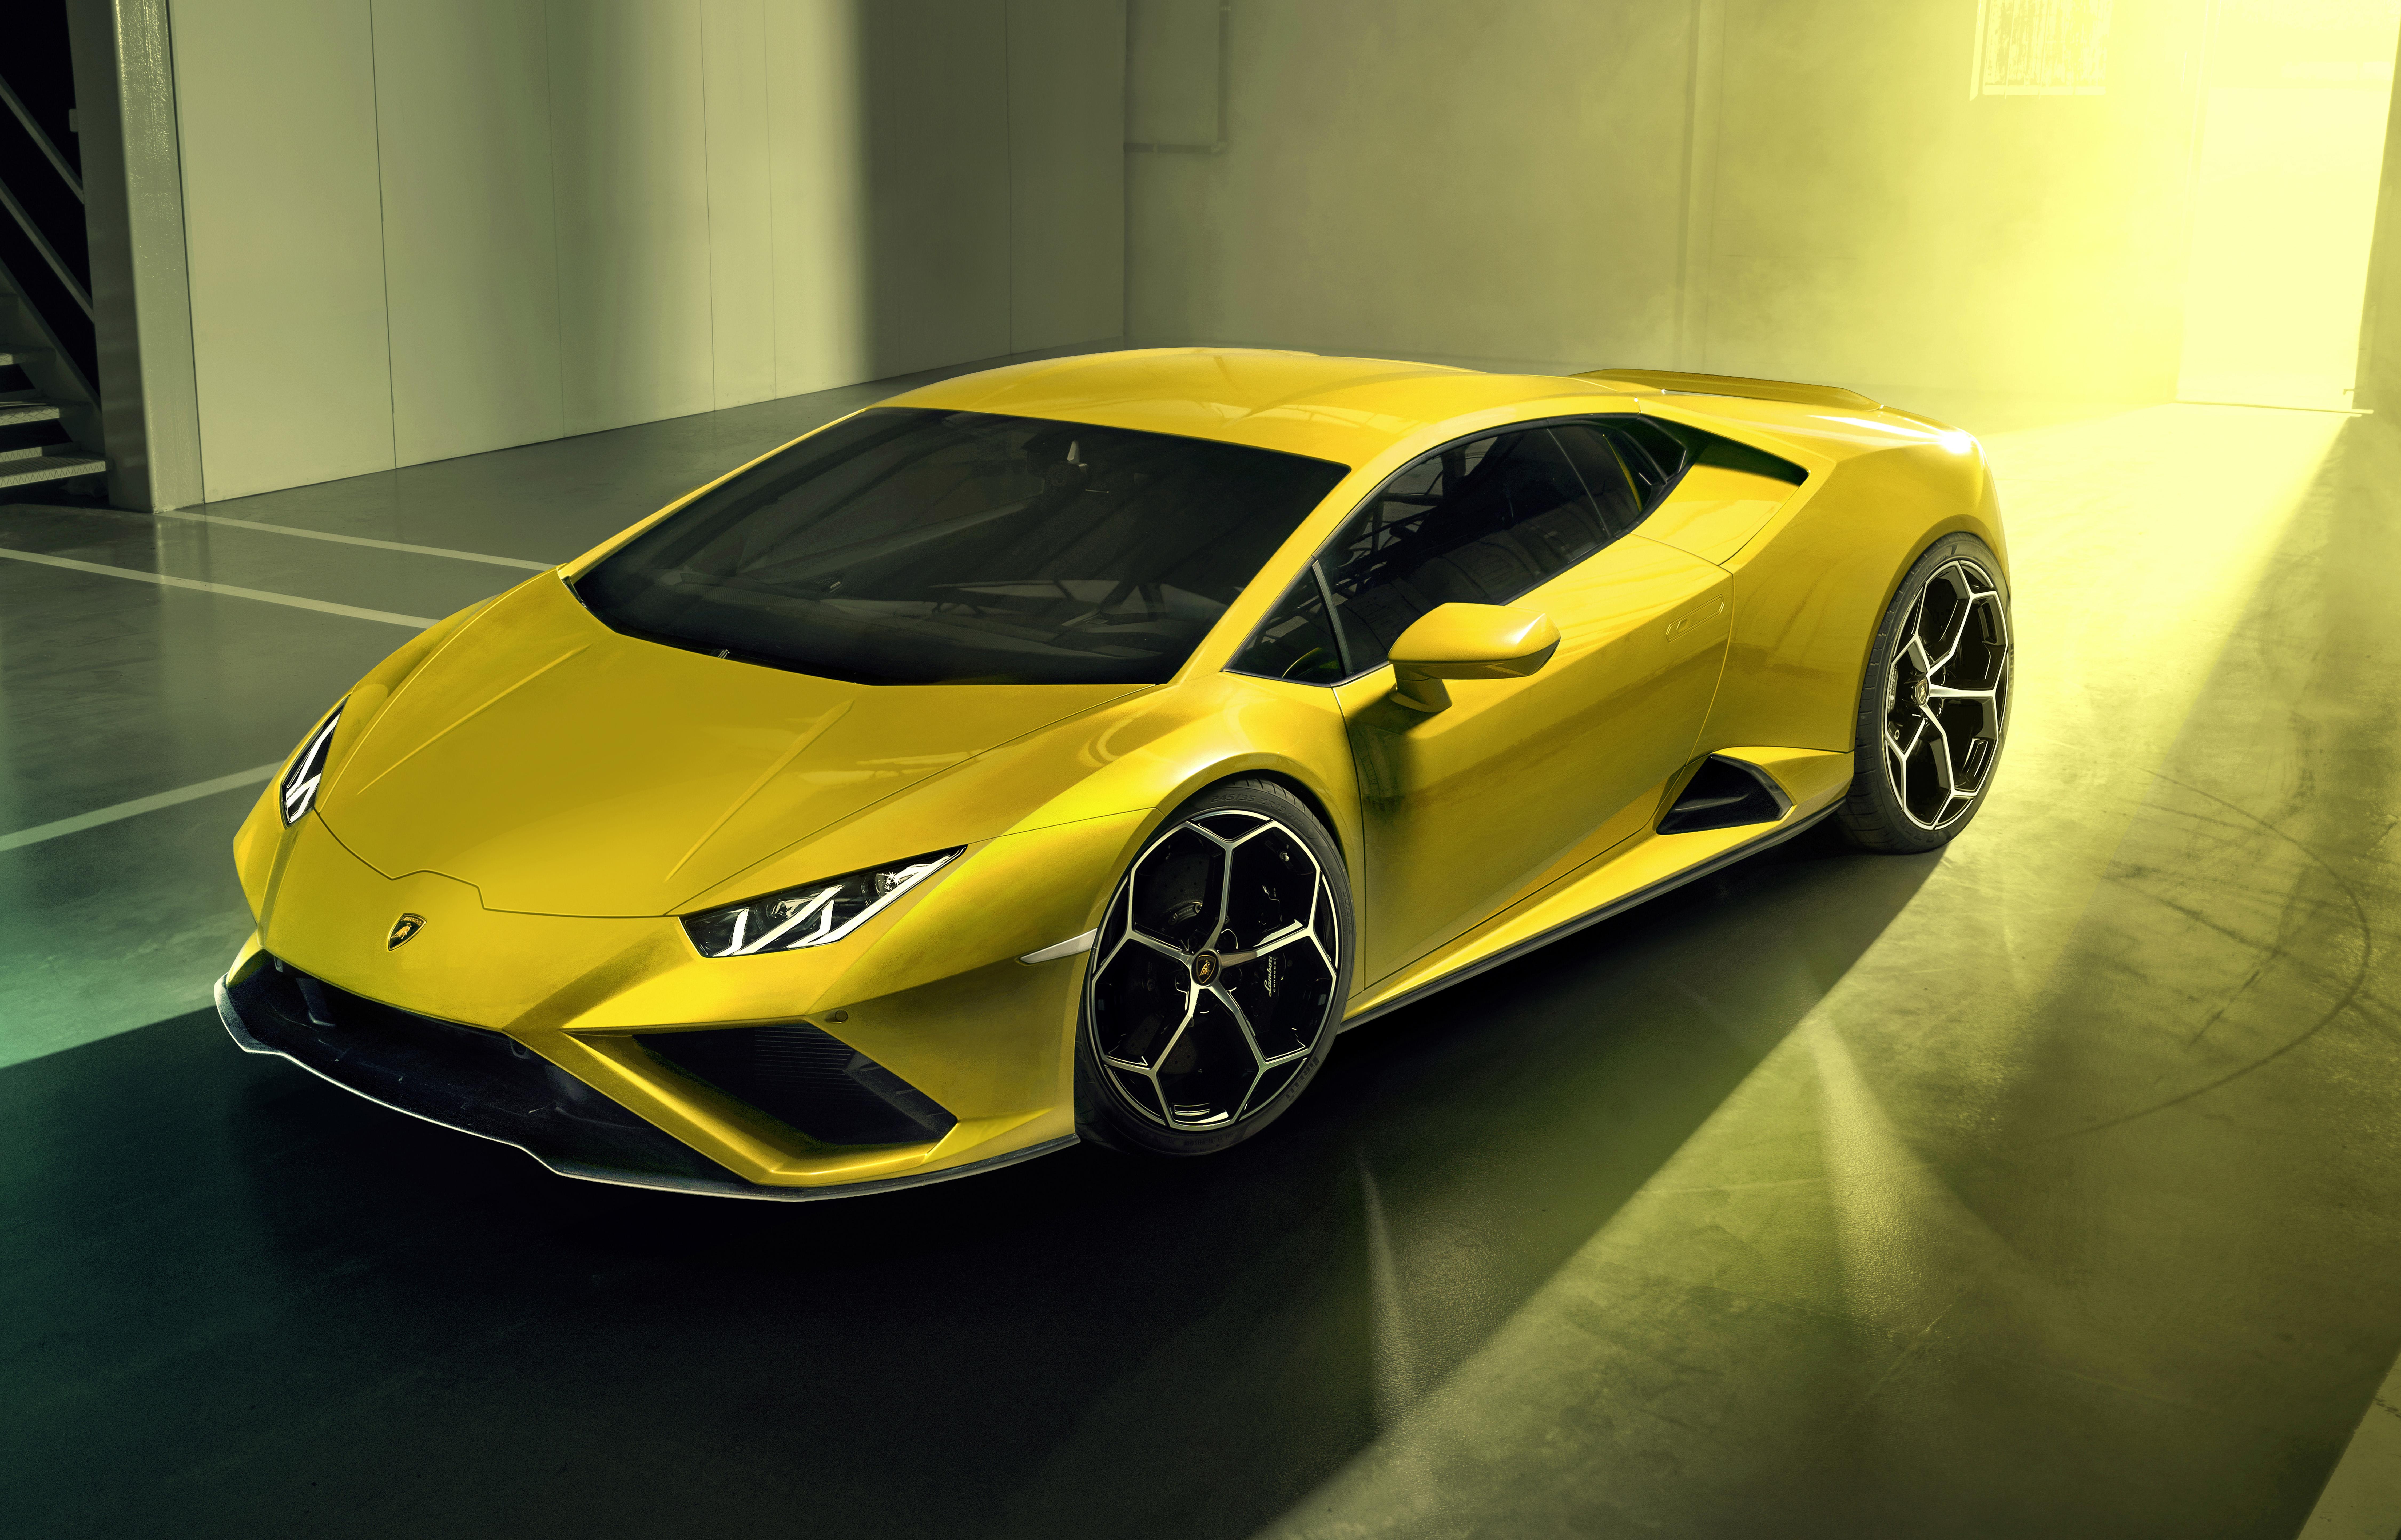 10k lamborghini huracan evo rwd 2020 1579649241 - 10k Lamborghini Huracan EVO RWD 2020 -